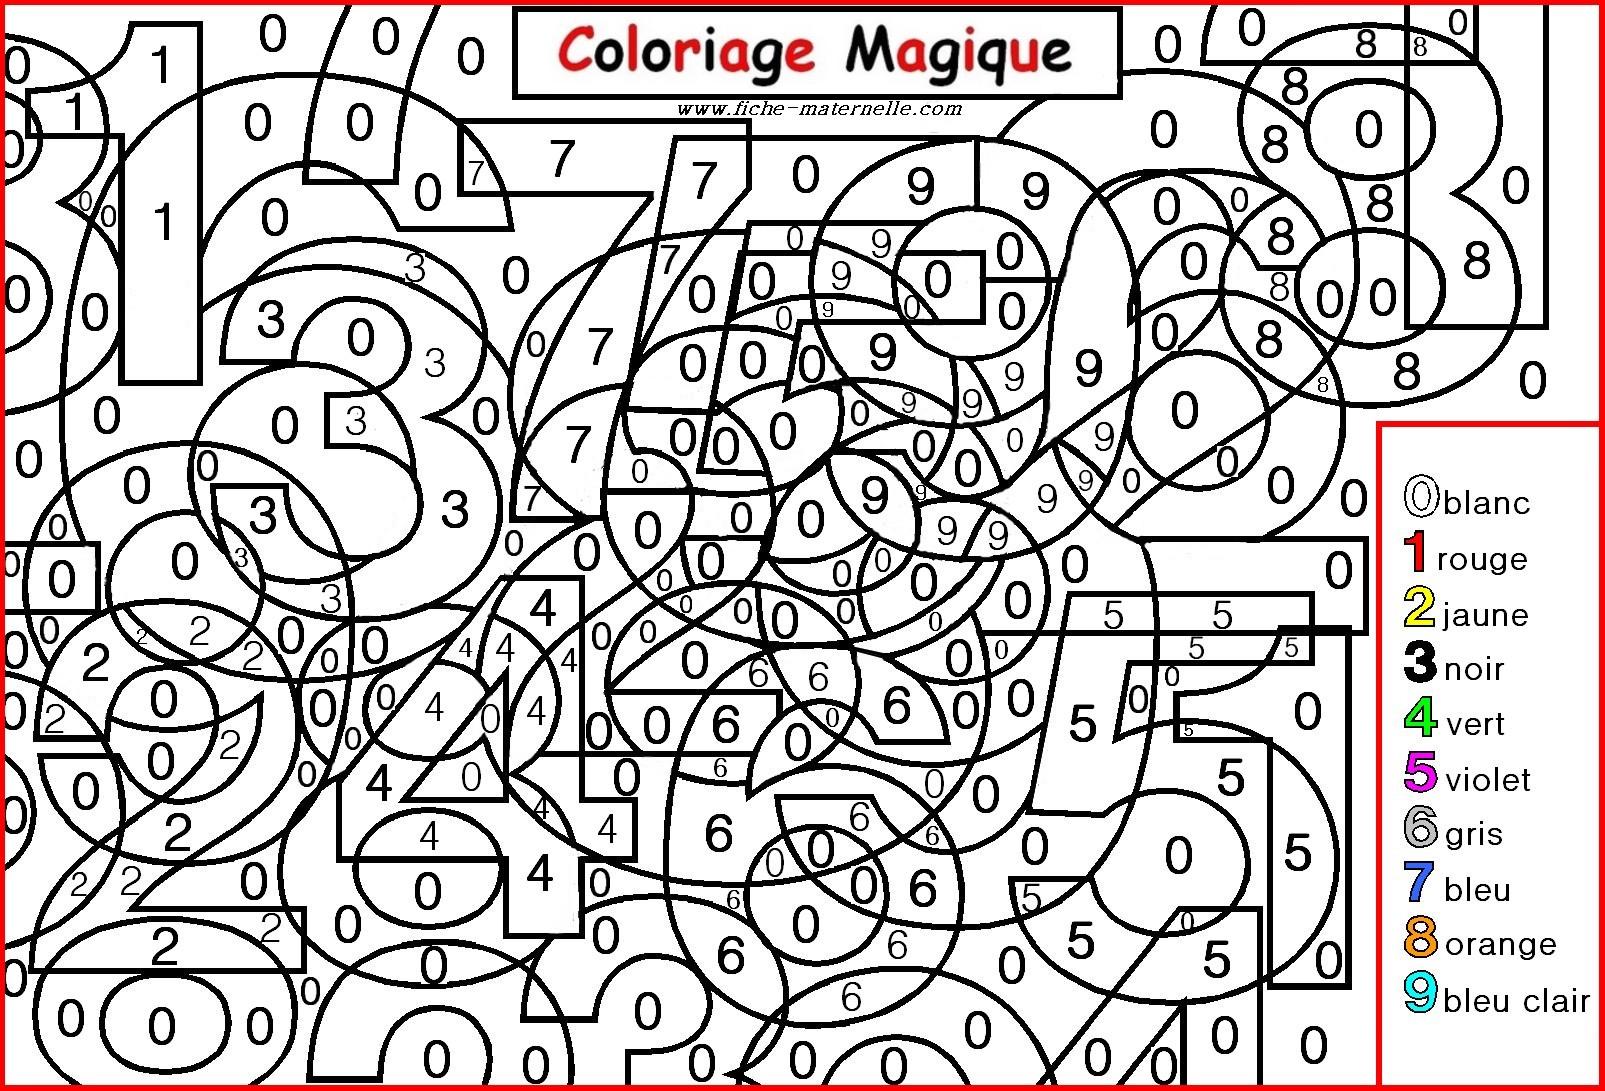 66 Dessins De Coloriage Magique À Imprimer Sur Laguerche destiné Coloriage Par Numéro Adulte À Imprimer